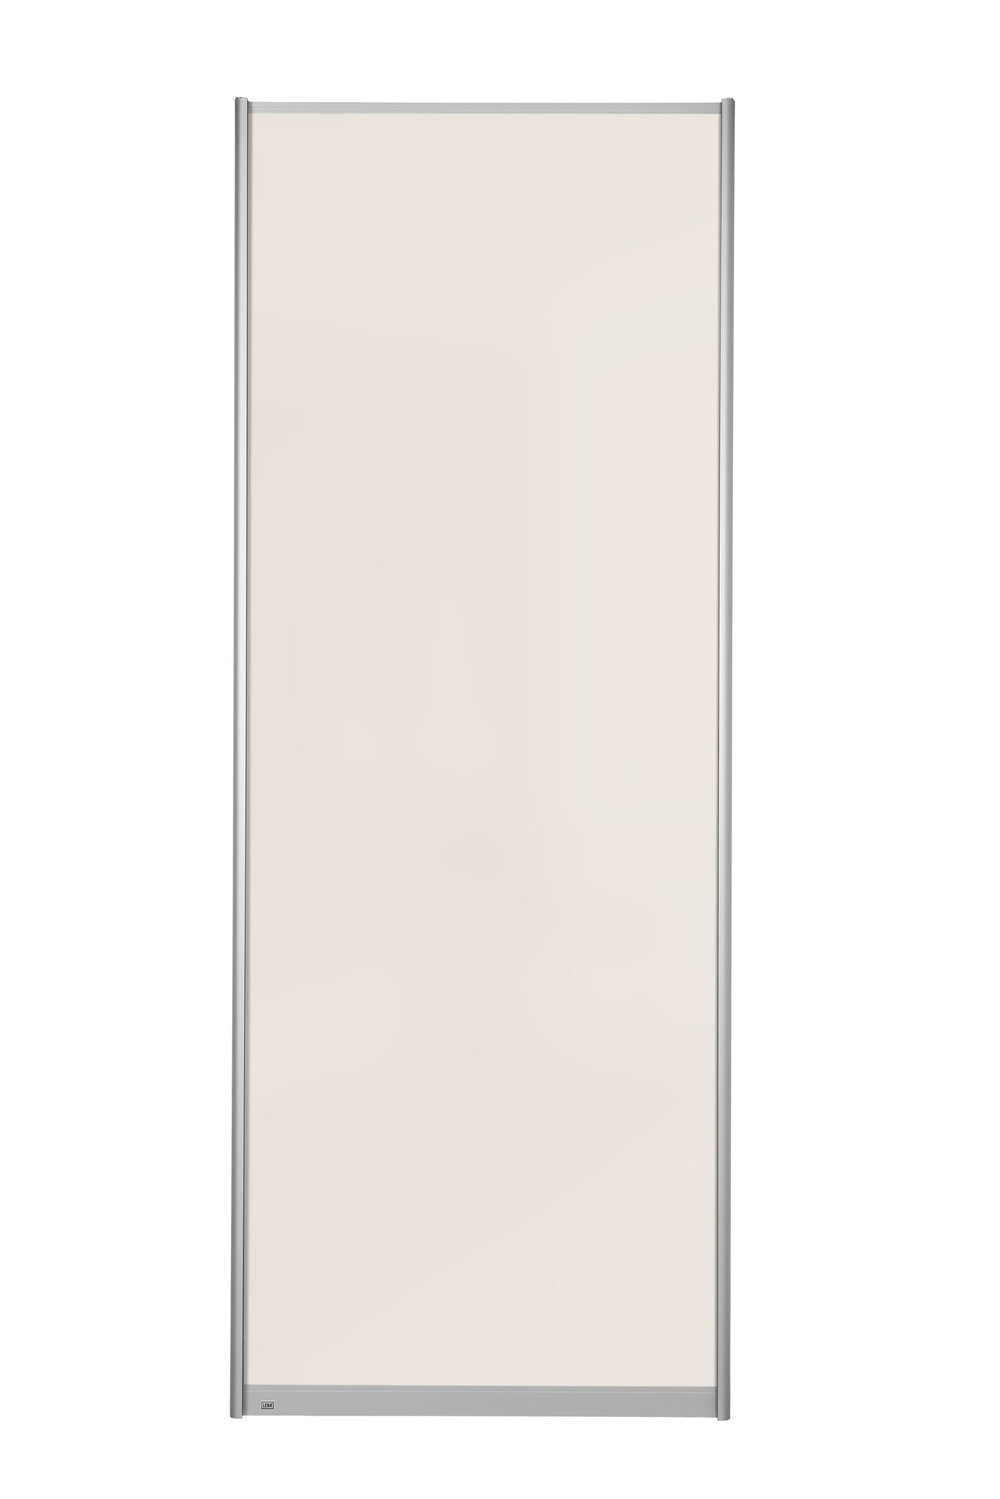 F7506 – Satinert lys beige